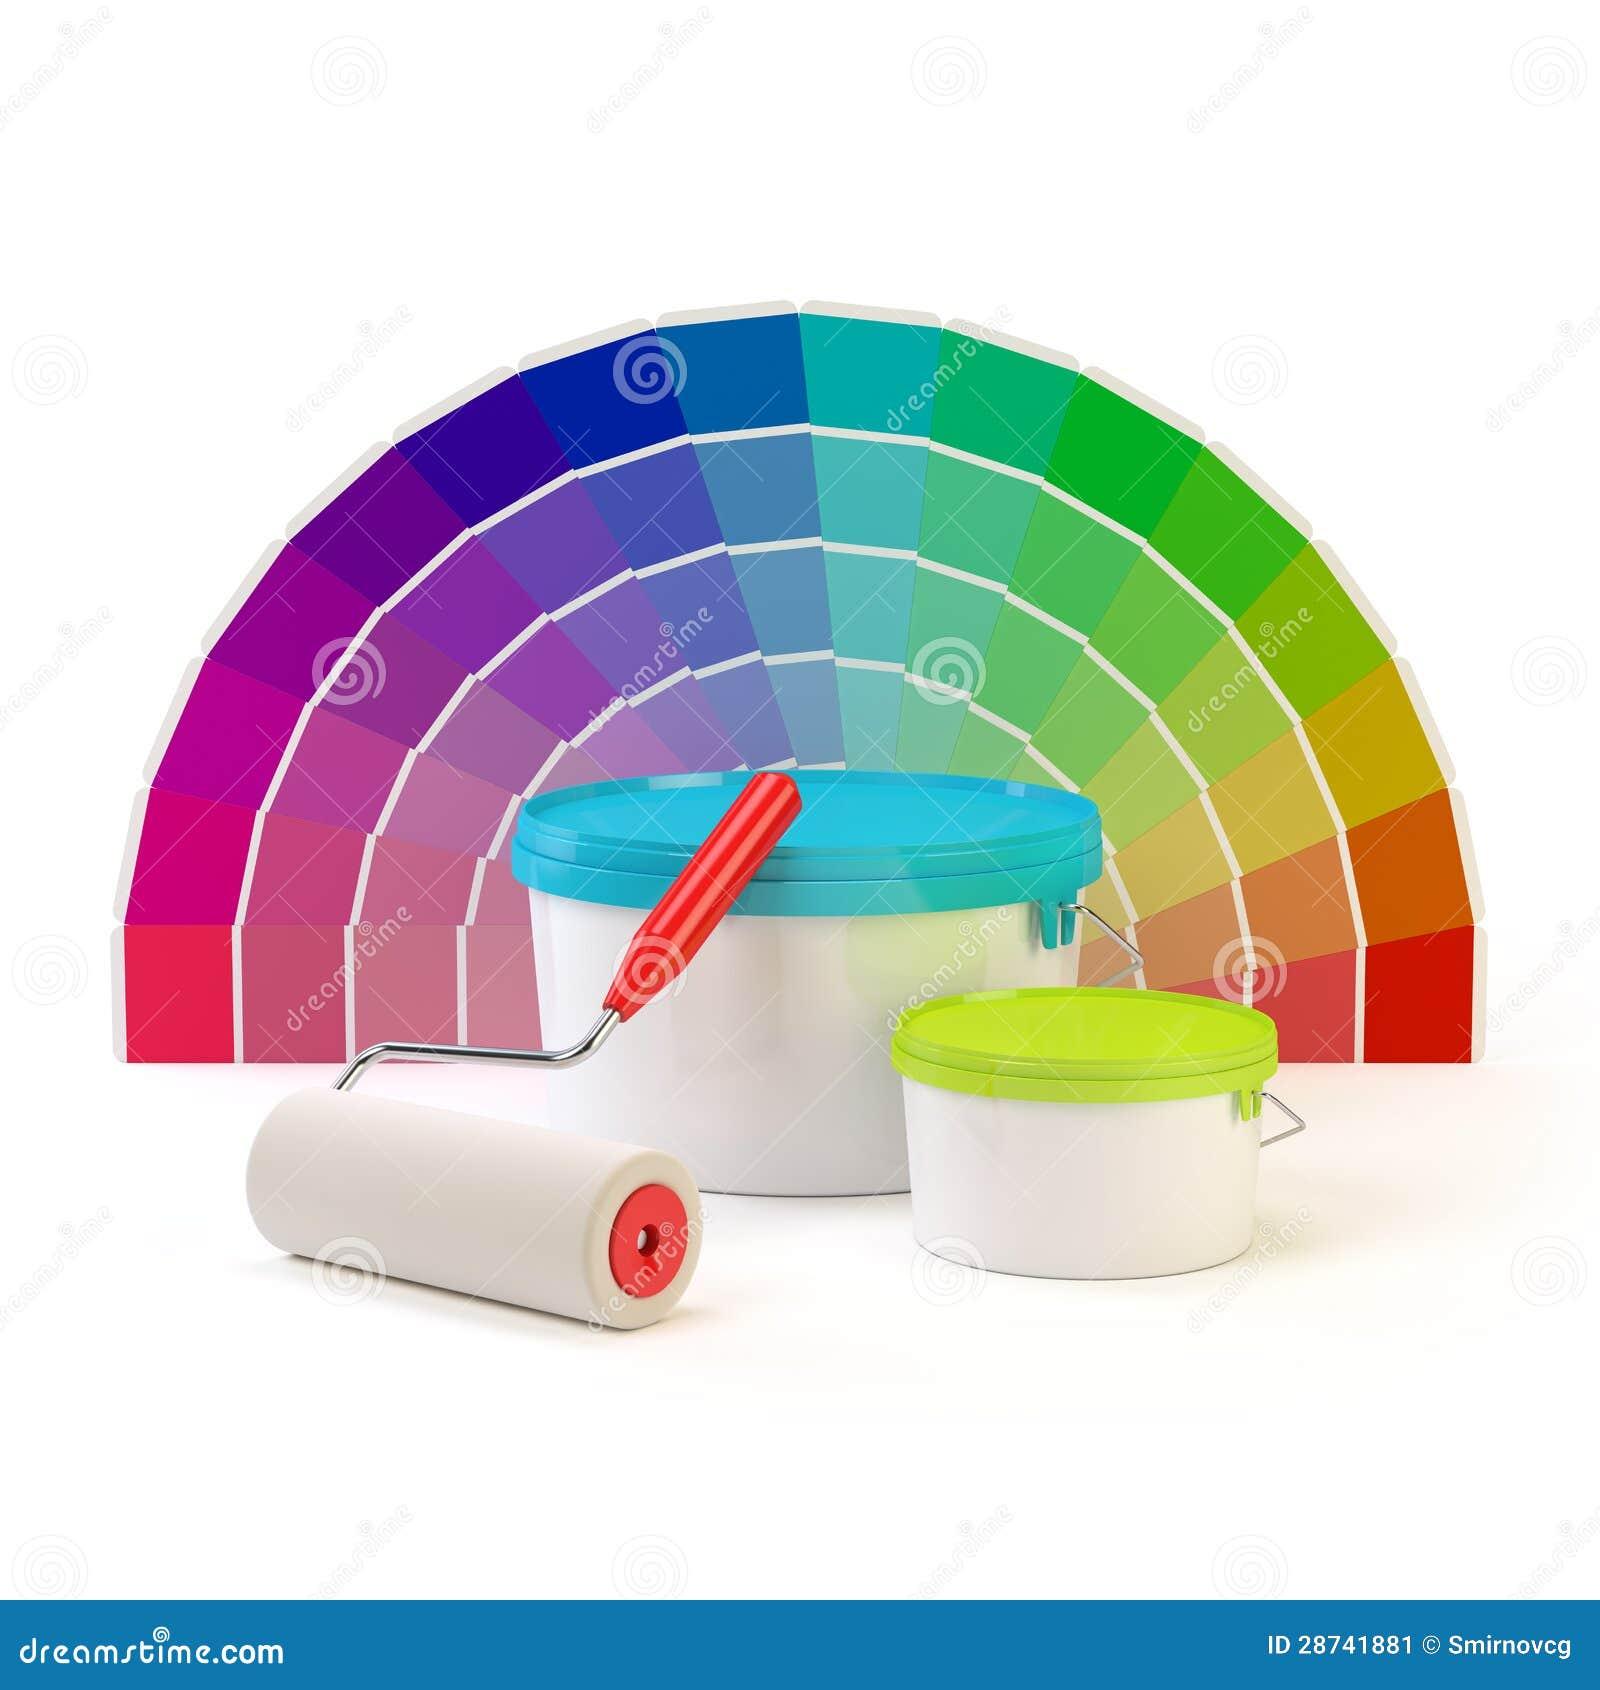 Paleta de colores de pantone rodillo de pintura y latas - Paleta de colores titanlux ...